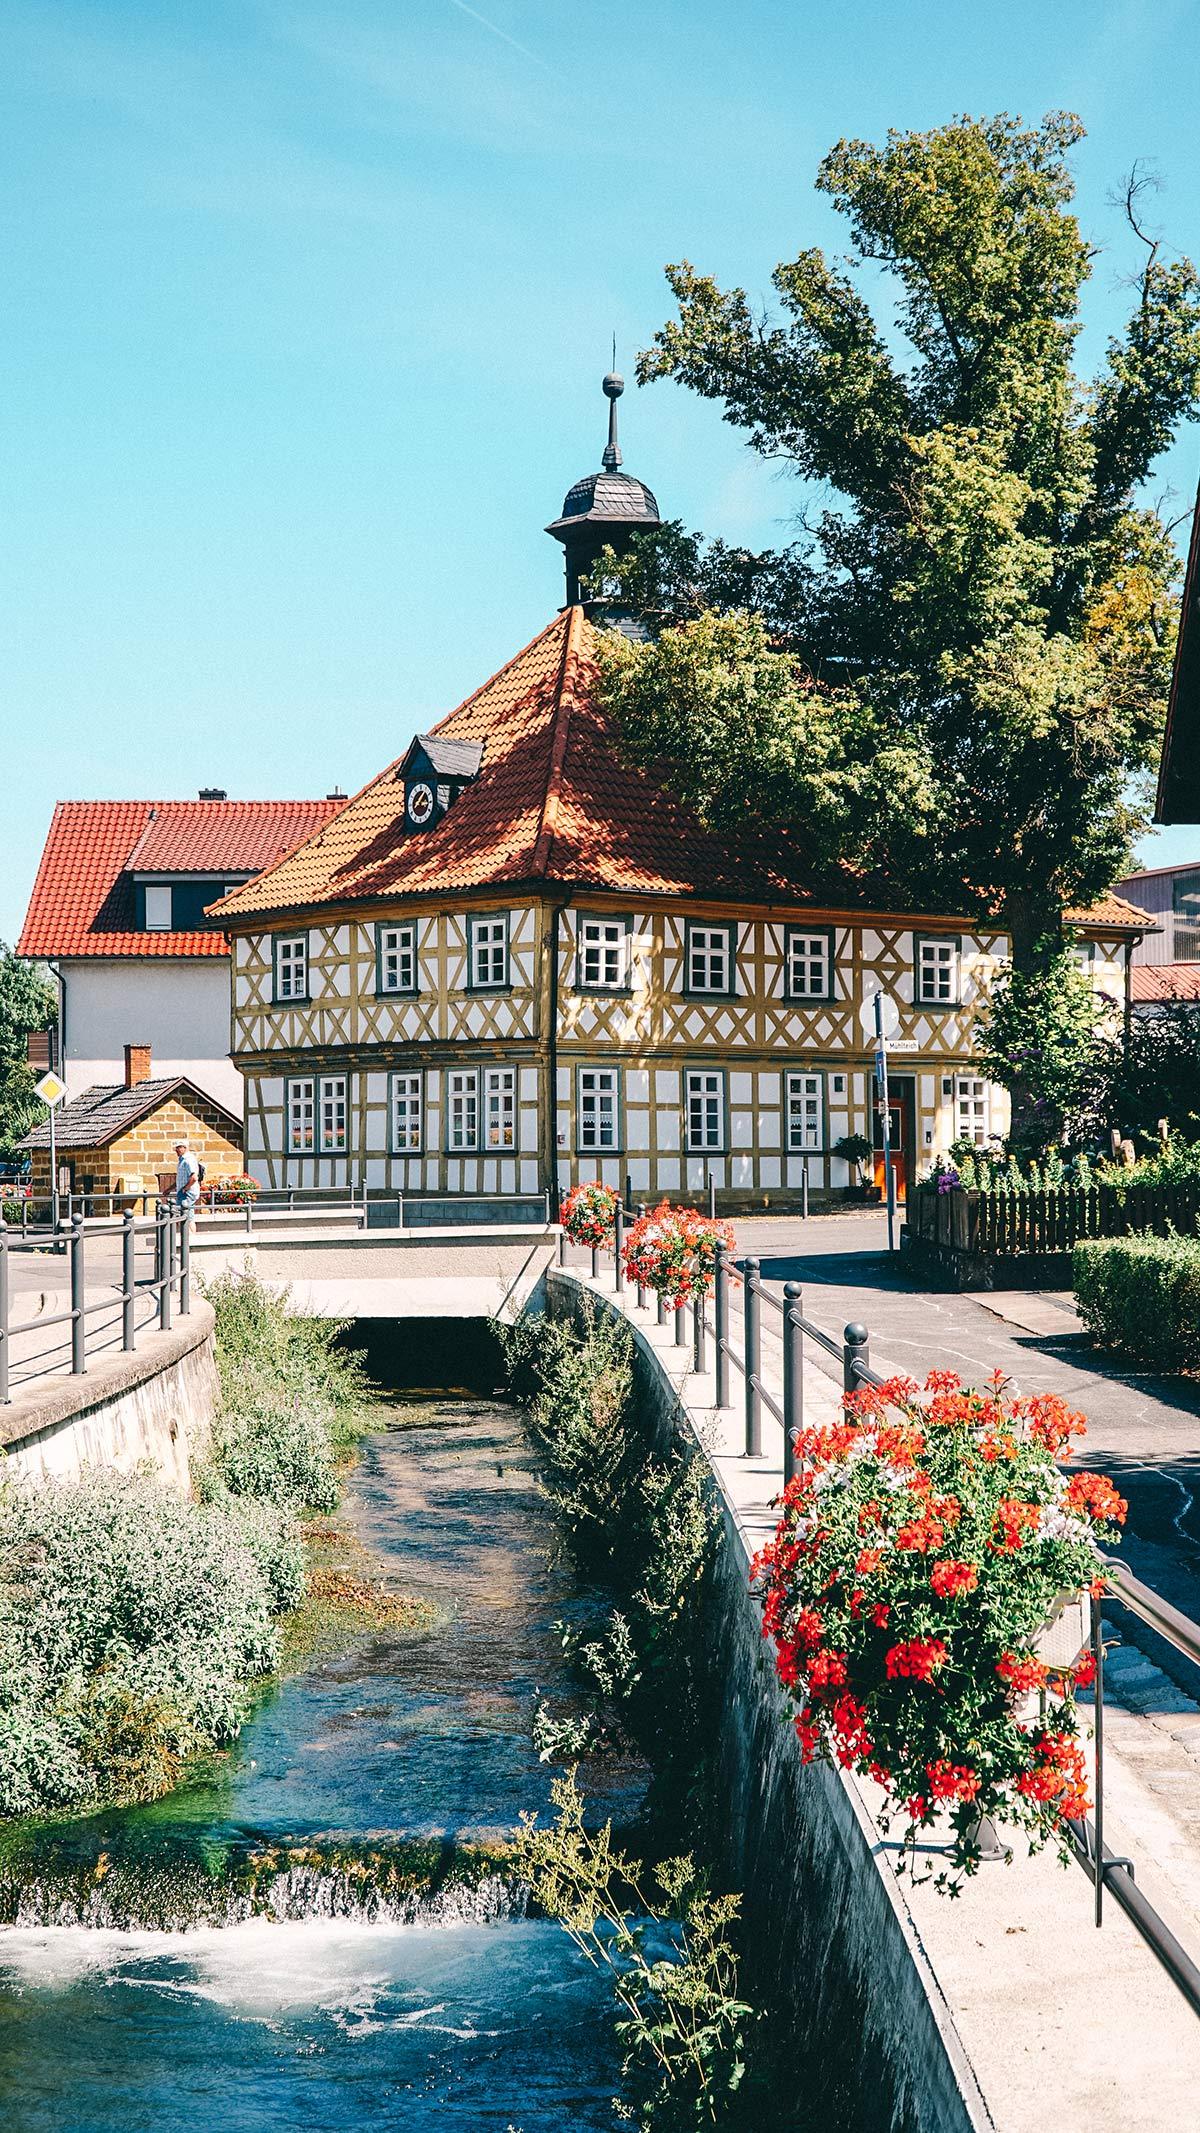 Genusswanderung Loffeld Bach Alte Schule